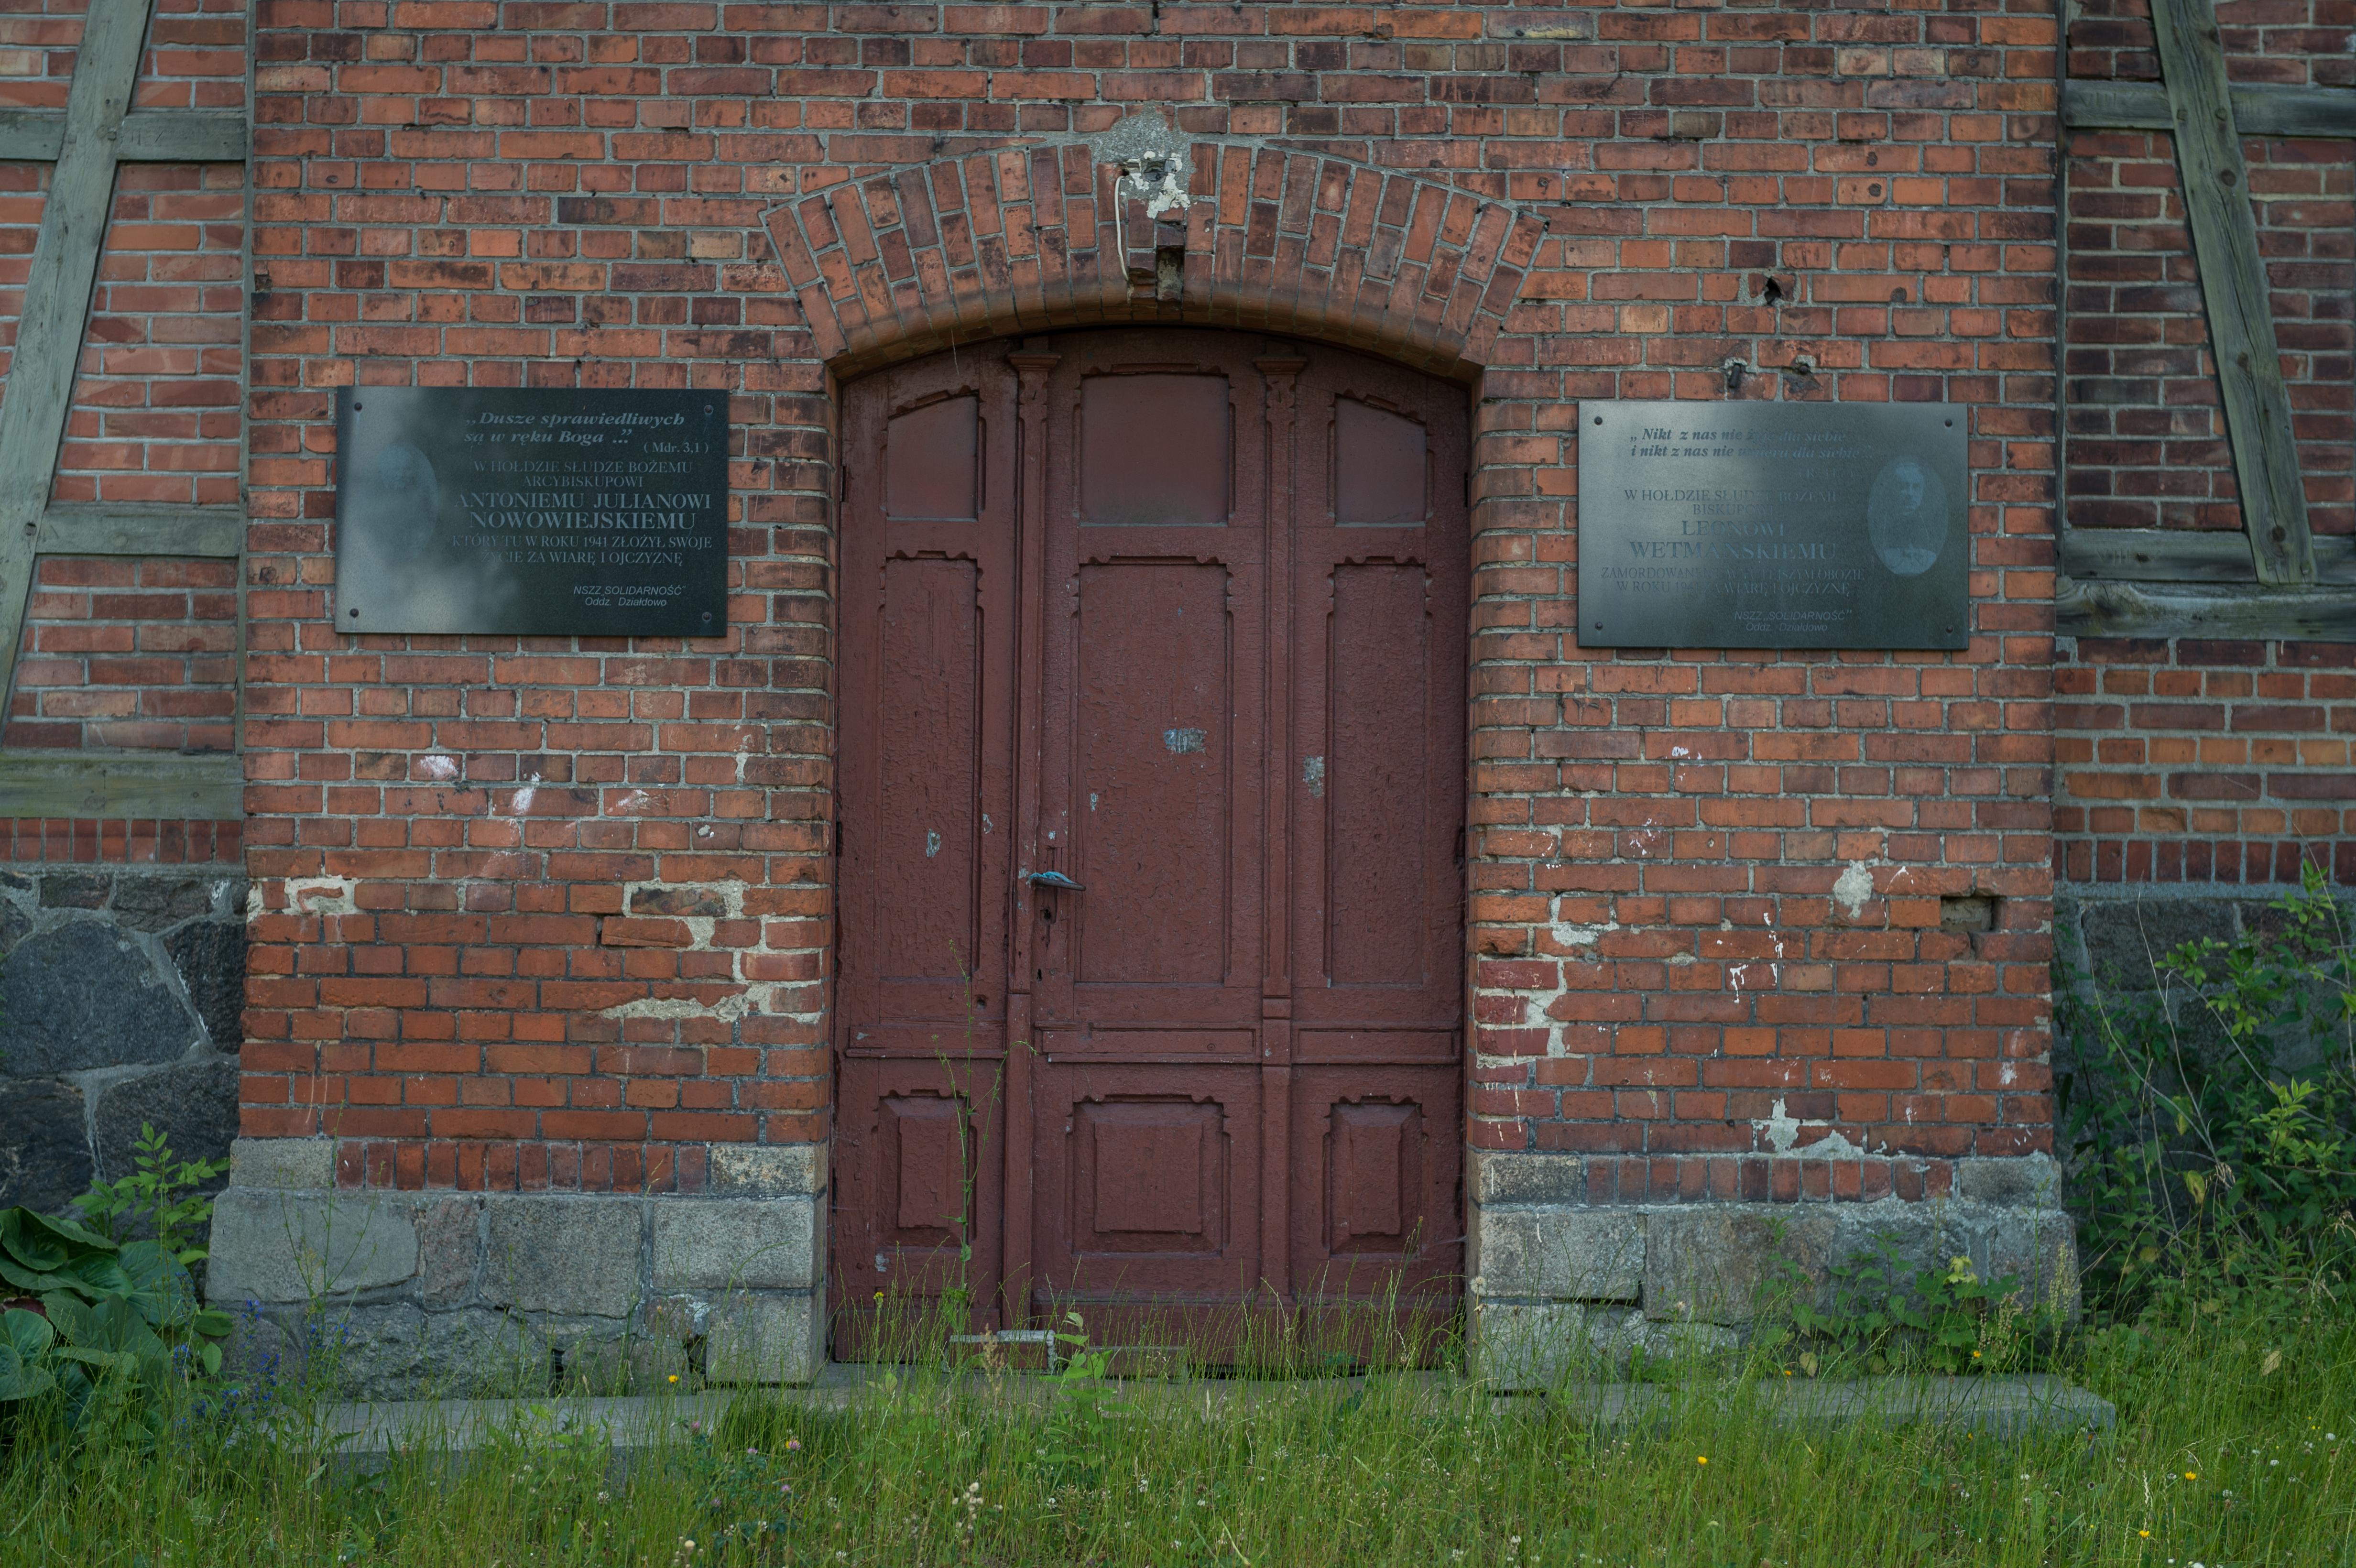 Fotografia przedstawia zrujnowany budynek po KL Soldau wDziałdowie ztablicami upamiętniajacymi biskupów Nowowiejskiego i Wetmańskiego